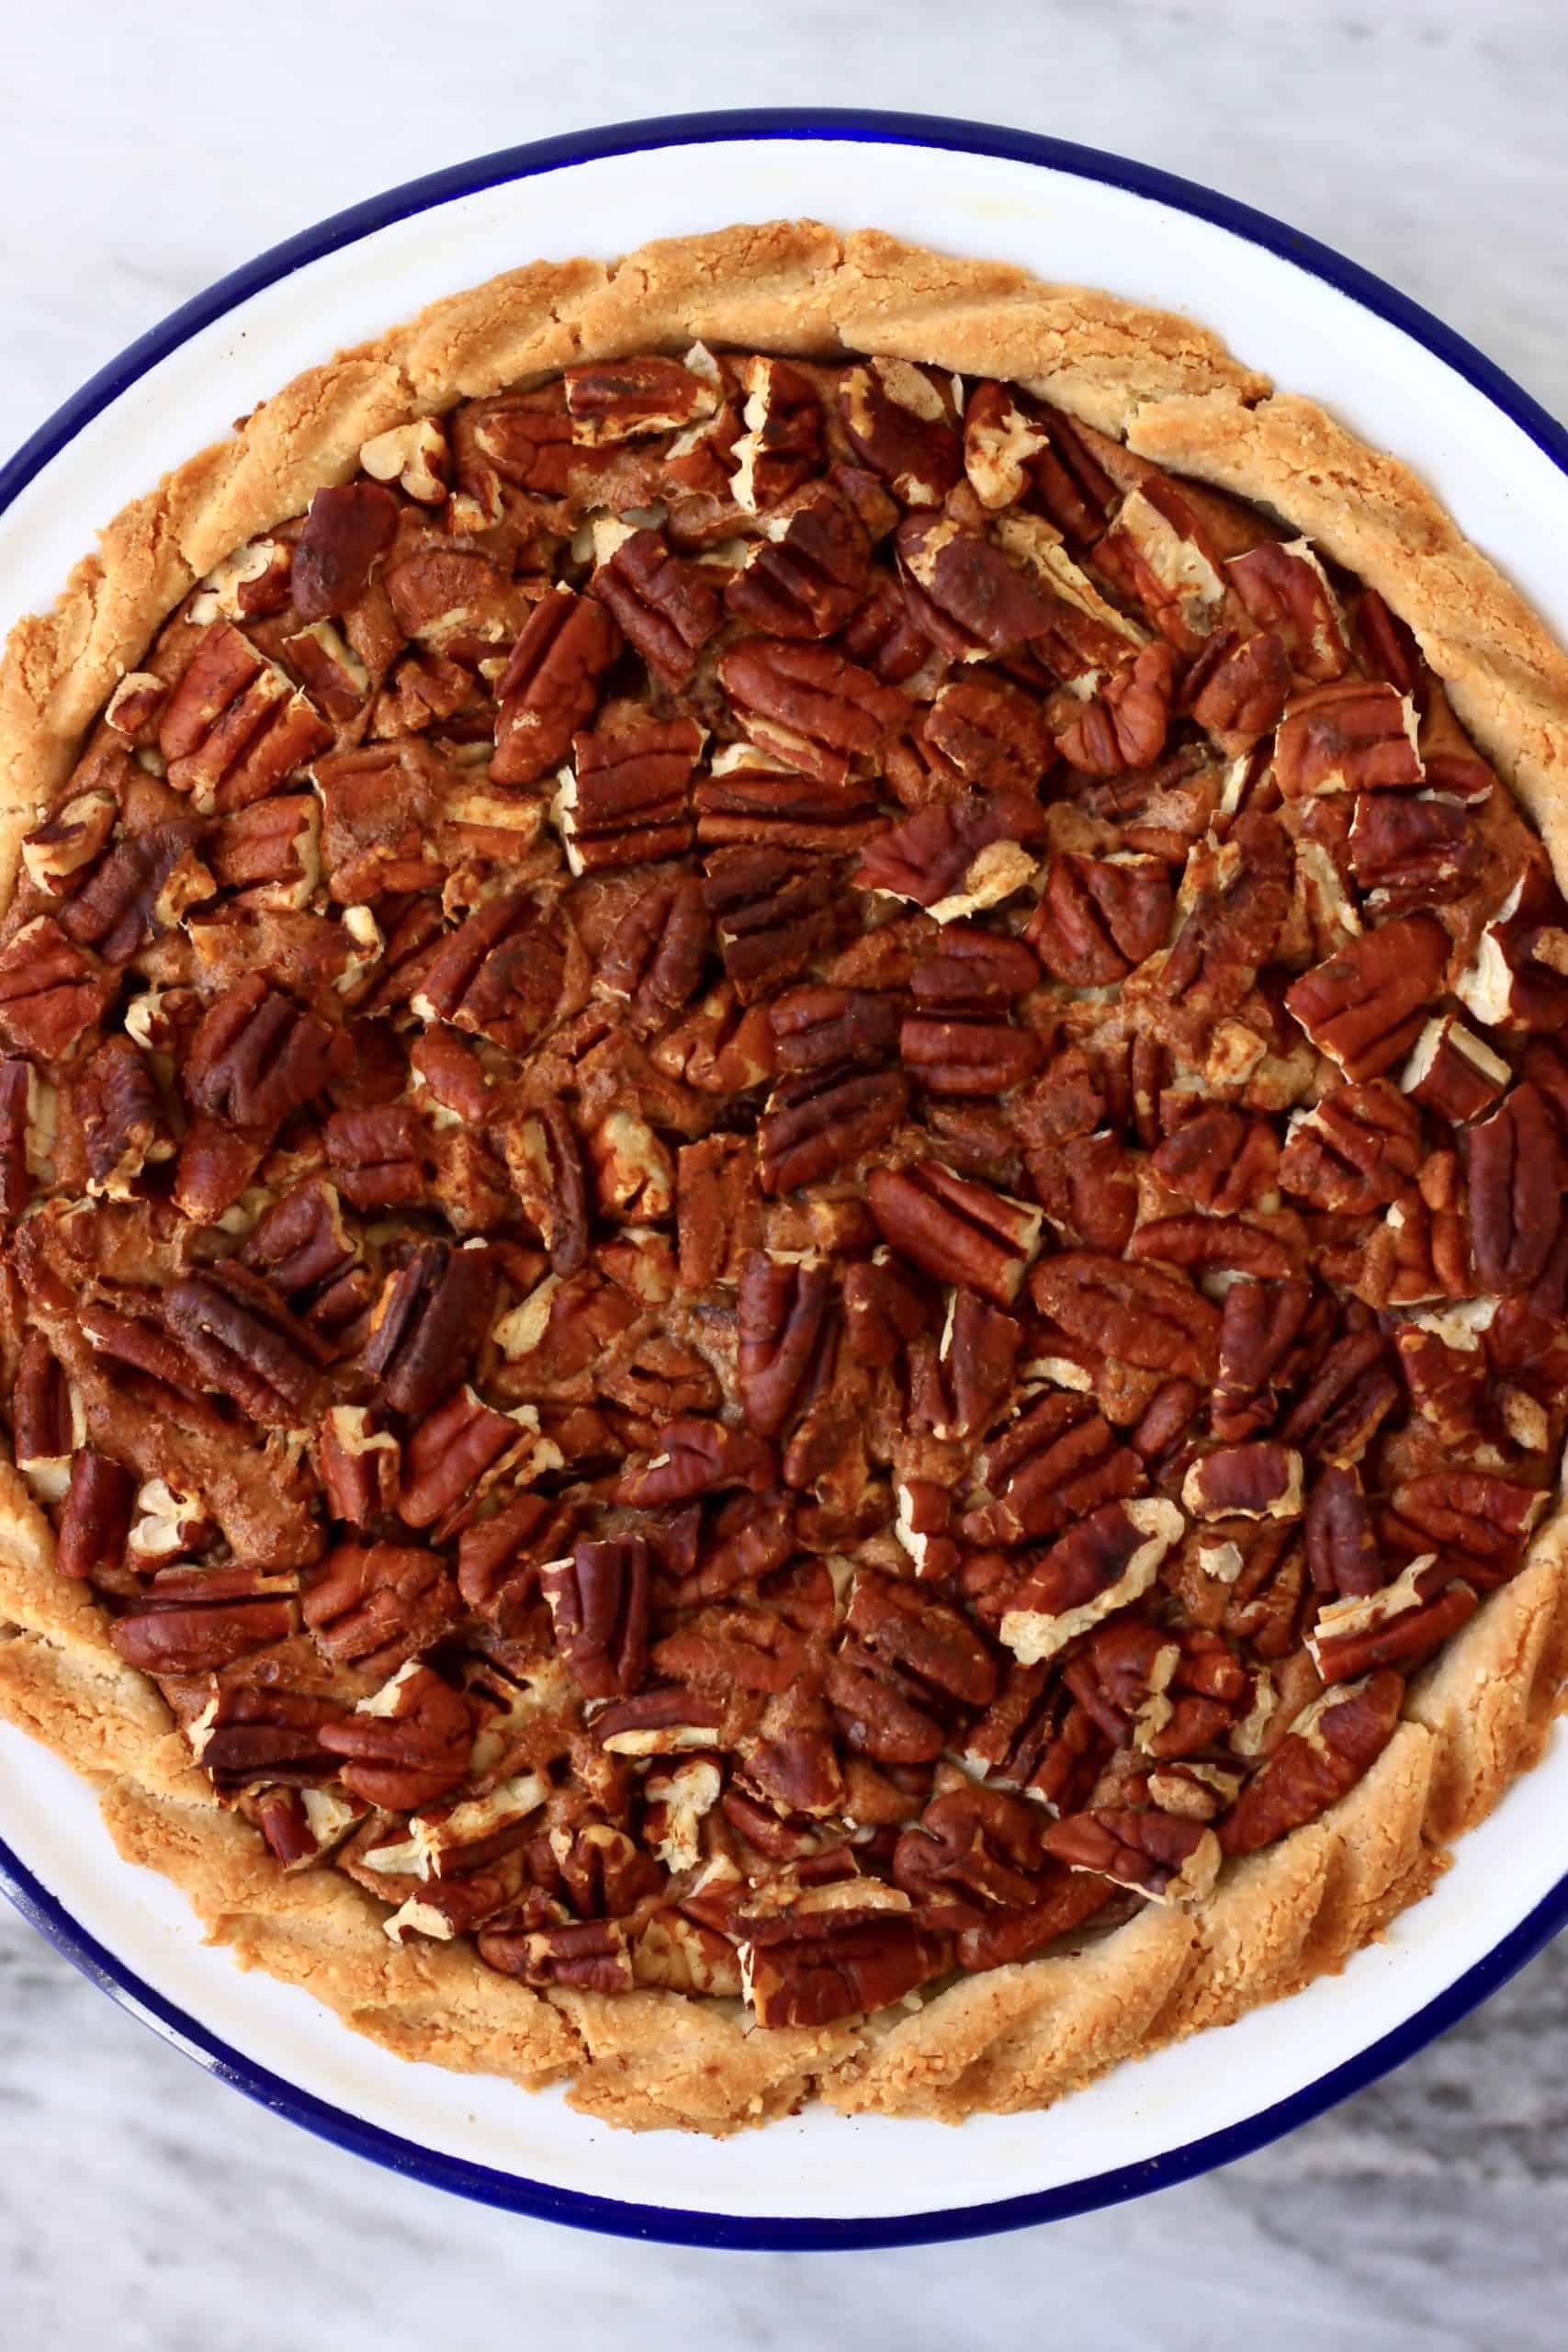 A gluten-free vegan pecan pie in a pie dish